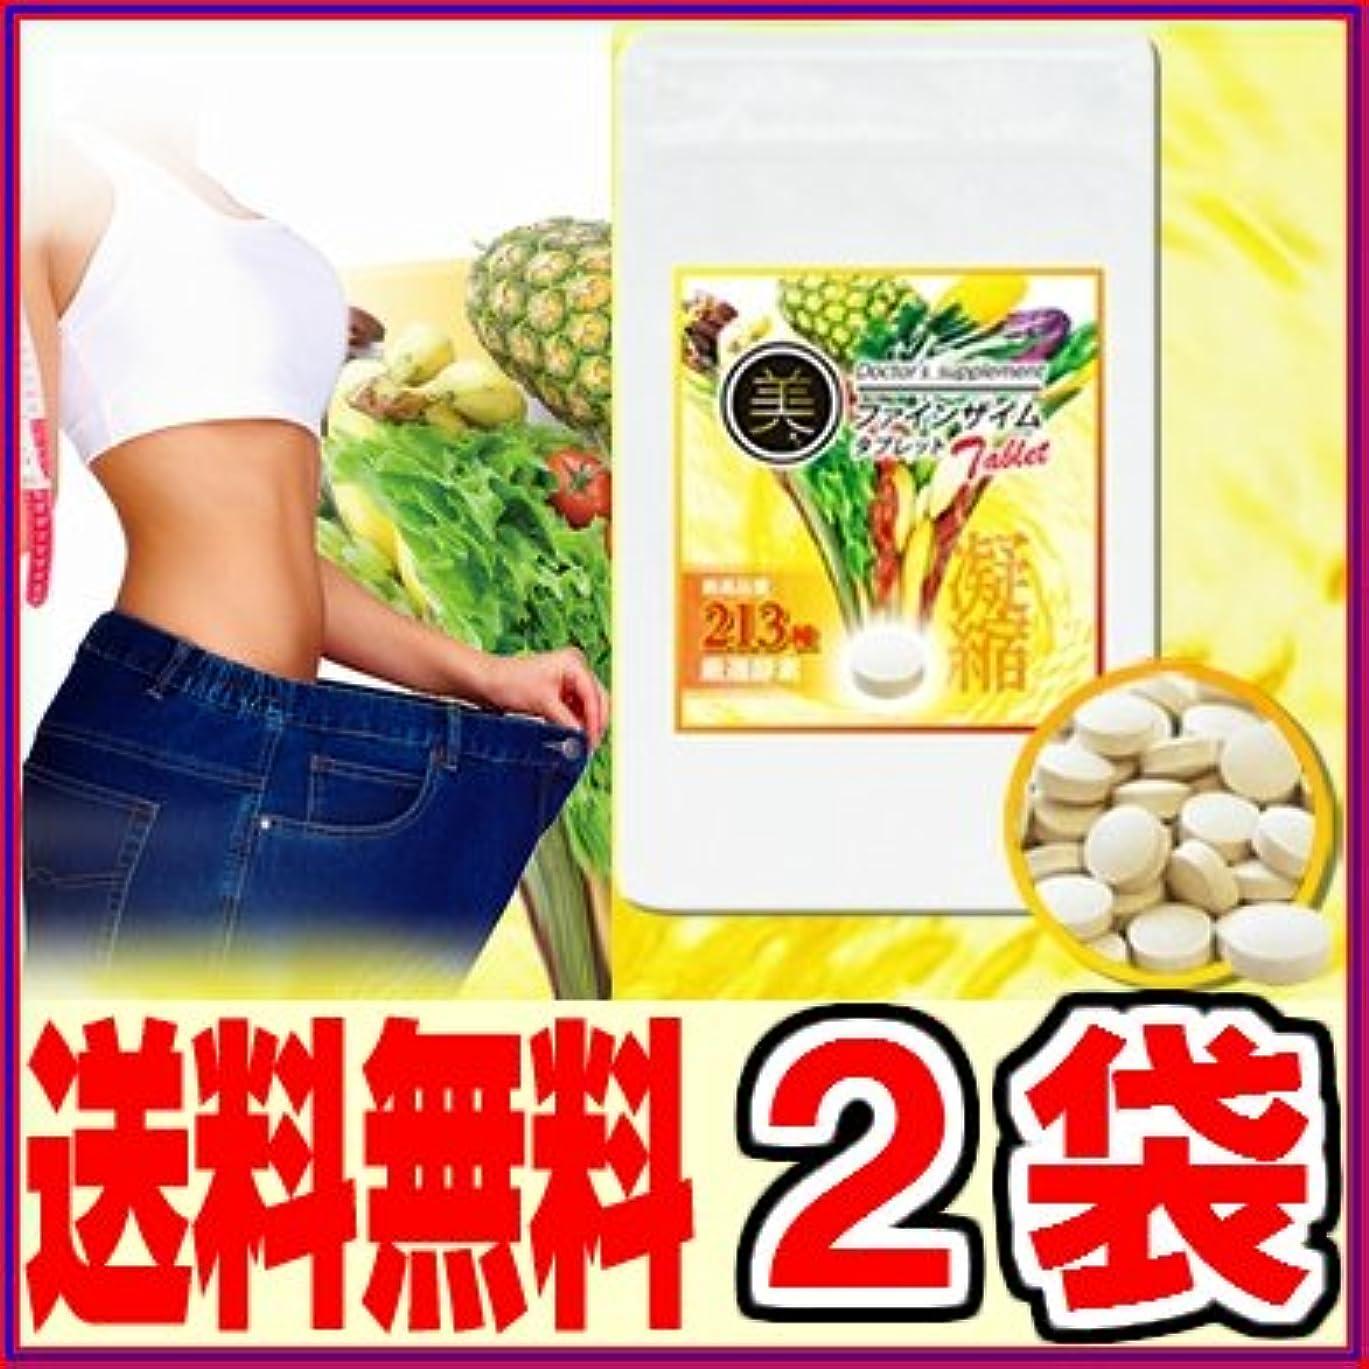 美?ファインザイム タブレット90粒 ×お得2袋セット《酵素、ダイエット、エステ、213種酵素、酵素ダイエット、マイクロ、リコピン、レスベラトロール》